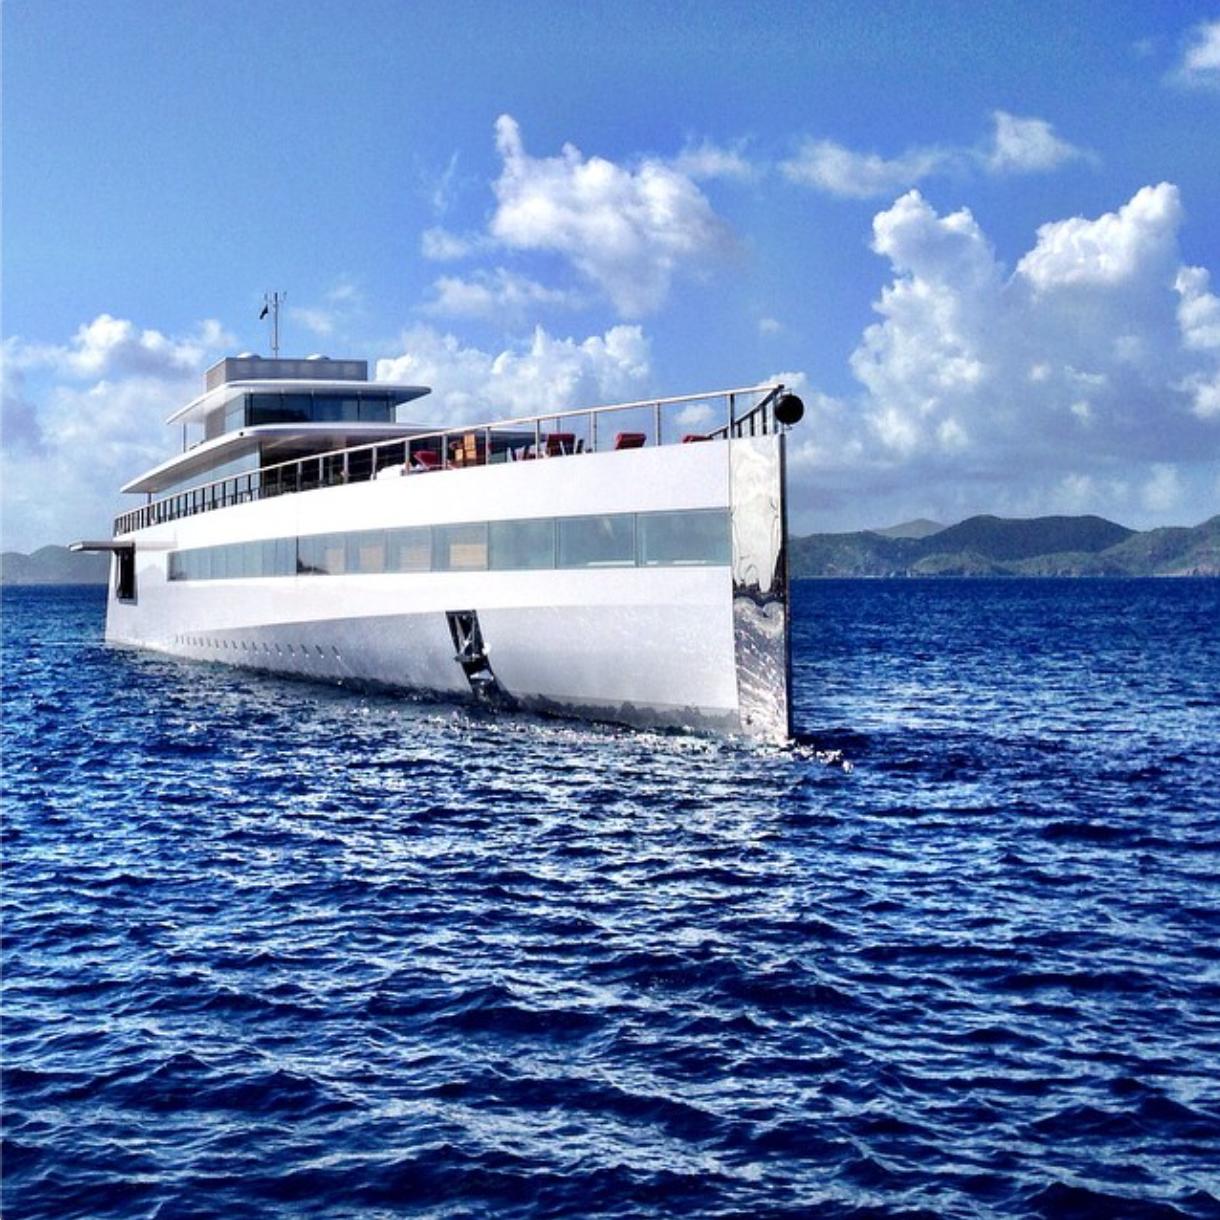 First Peek Into Steve Jobs's Luxury Yacht Interior ...